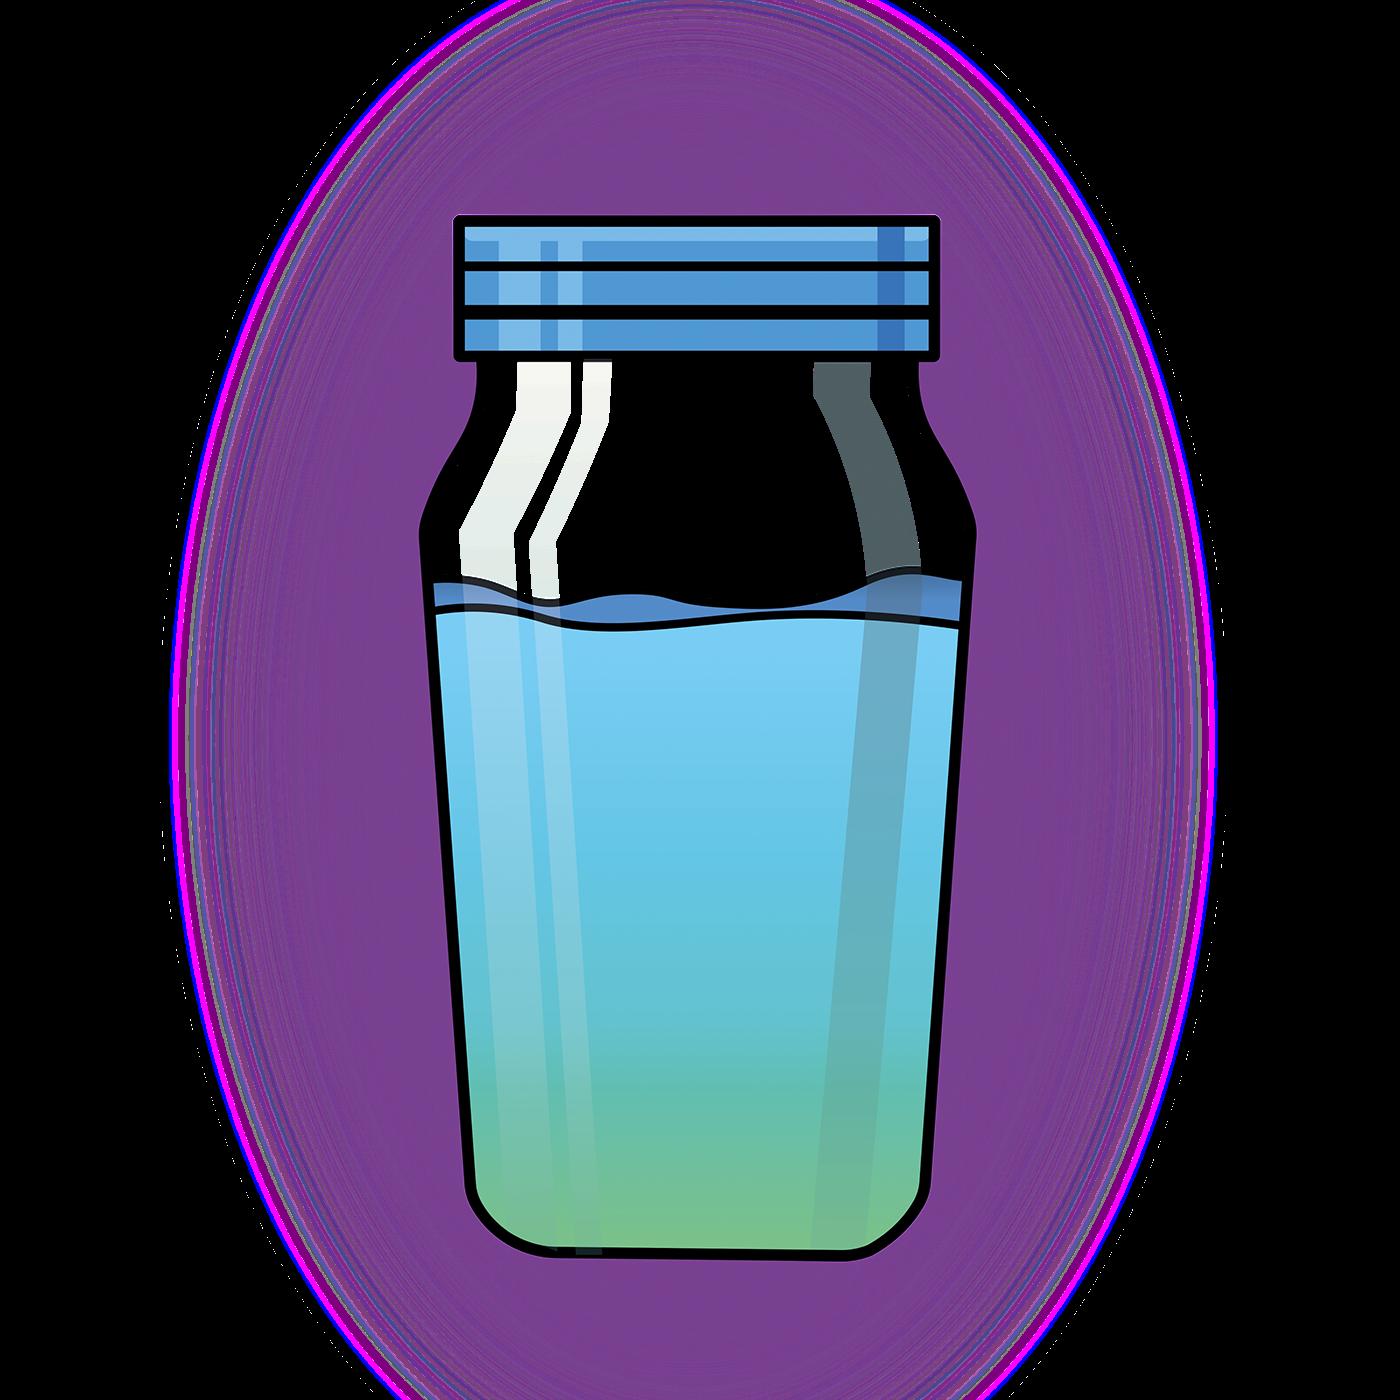 Water Bottles Juice Graphic design.